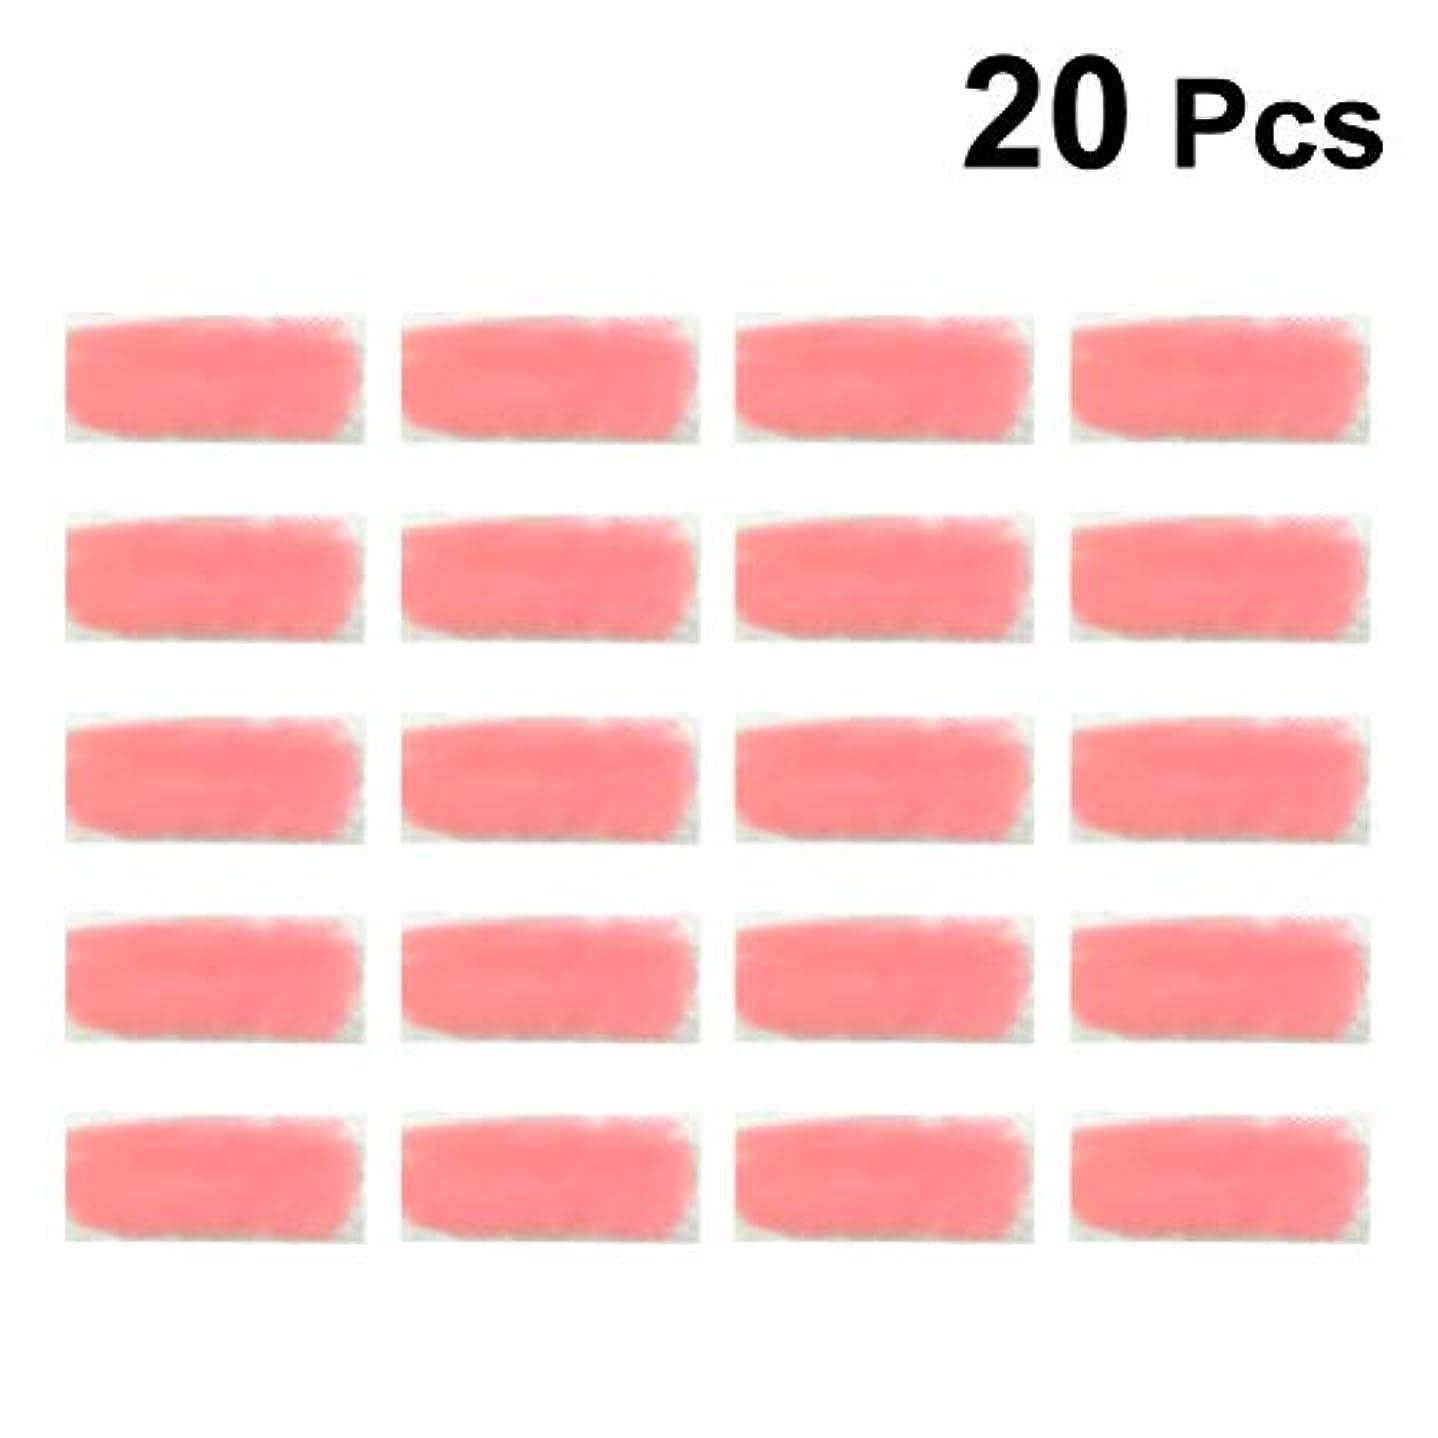 アクション豆腐繁雑Healifty 夏の冷却ジェルパッチ温度変化熱射病防止冷却額ストリップ眠気さわやかさを和らげる日焼けパッド20個(ピンク)